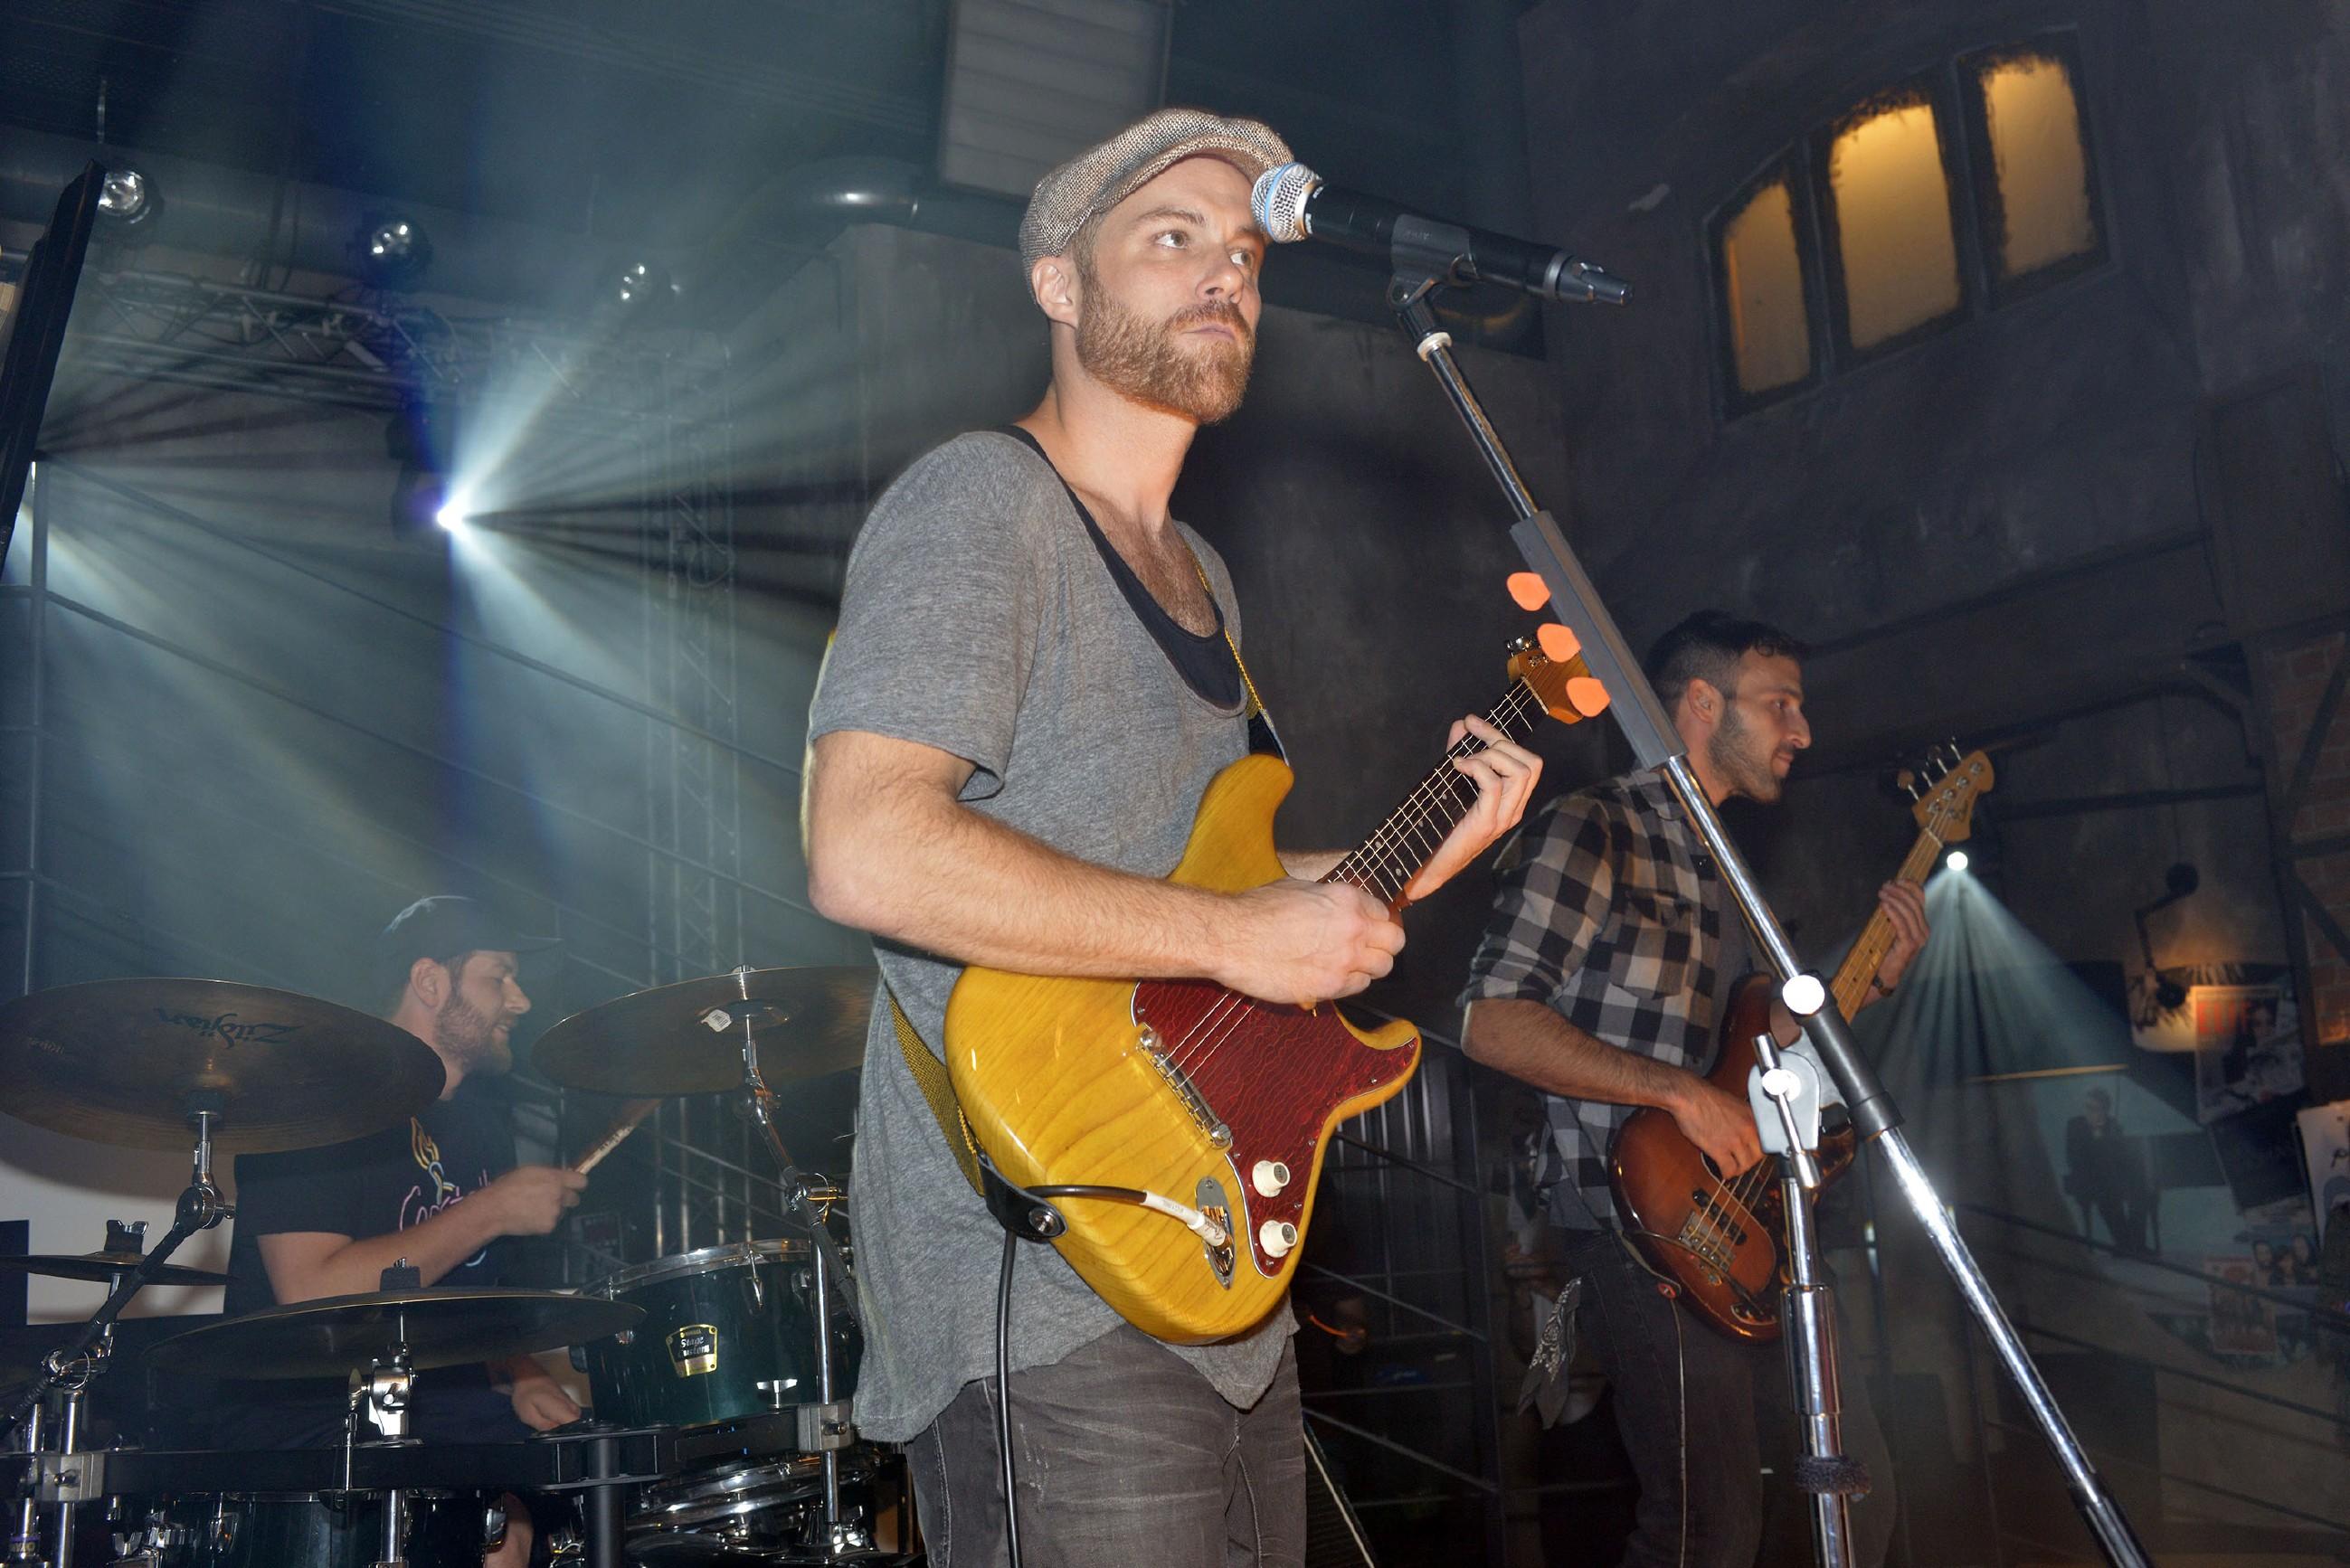 """Die Band """"Pieska"""" gibt ein Konzert im Mauerwerk. (Quelle: RTL / Rolf Baumgartner)"""